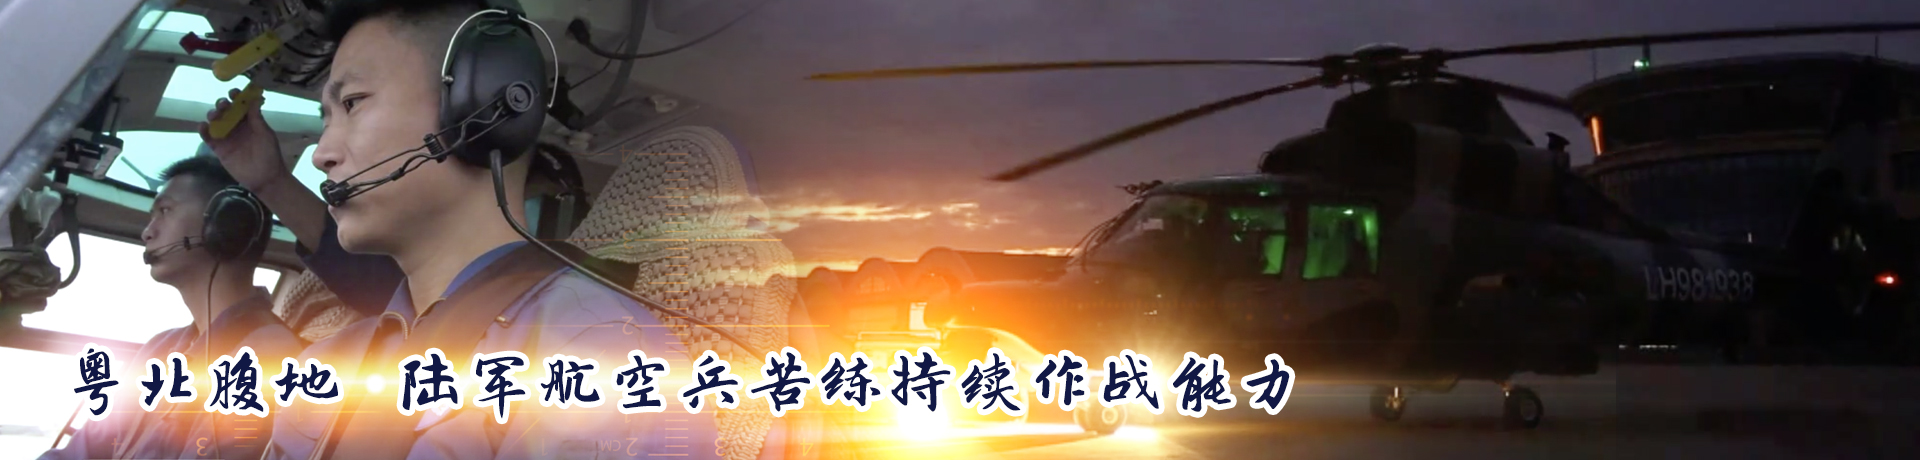 粤北腹地 陆军航空兵苦练持续作战能力